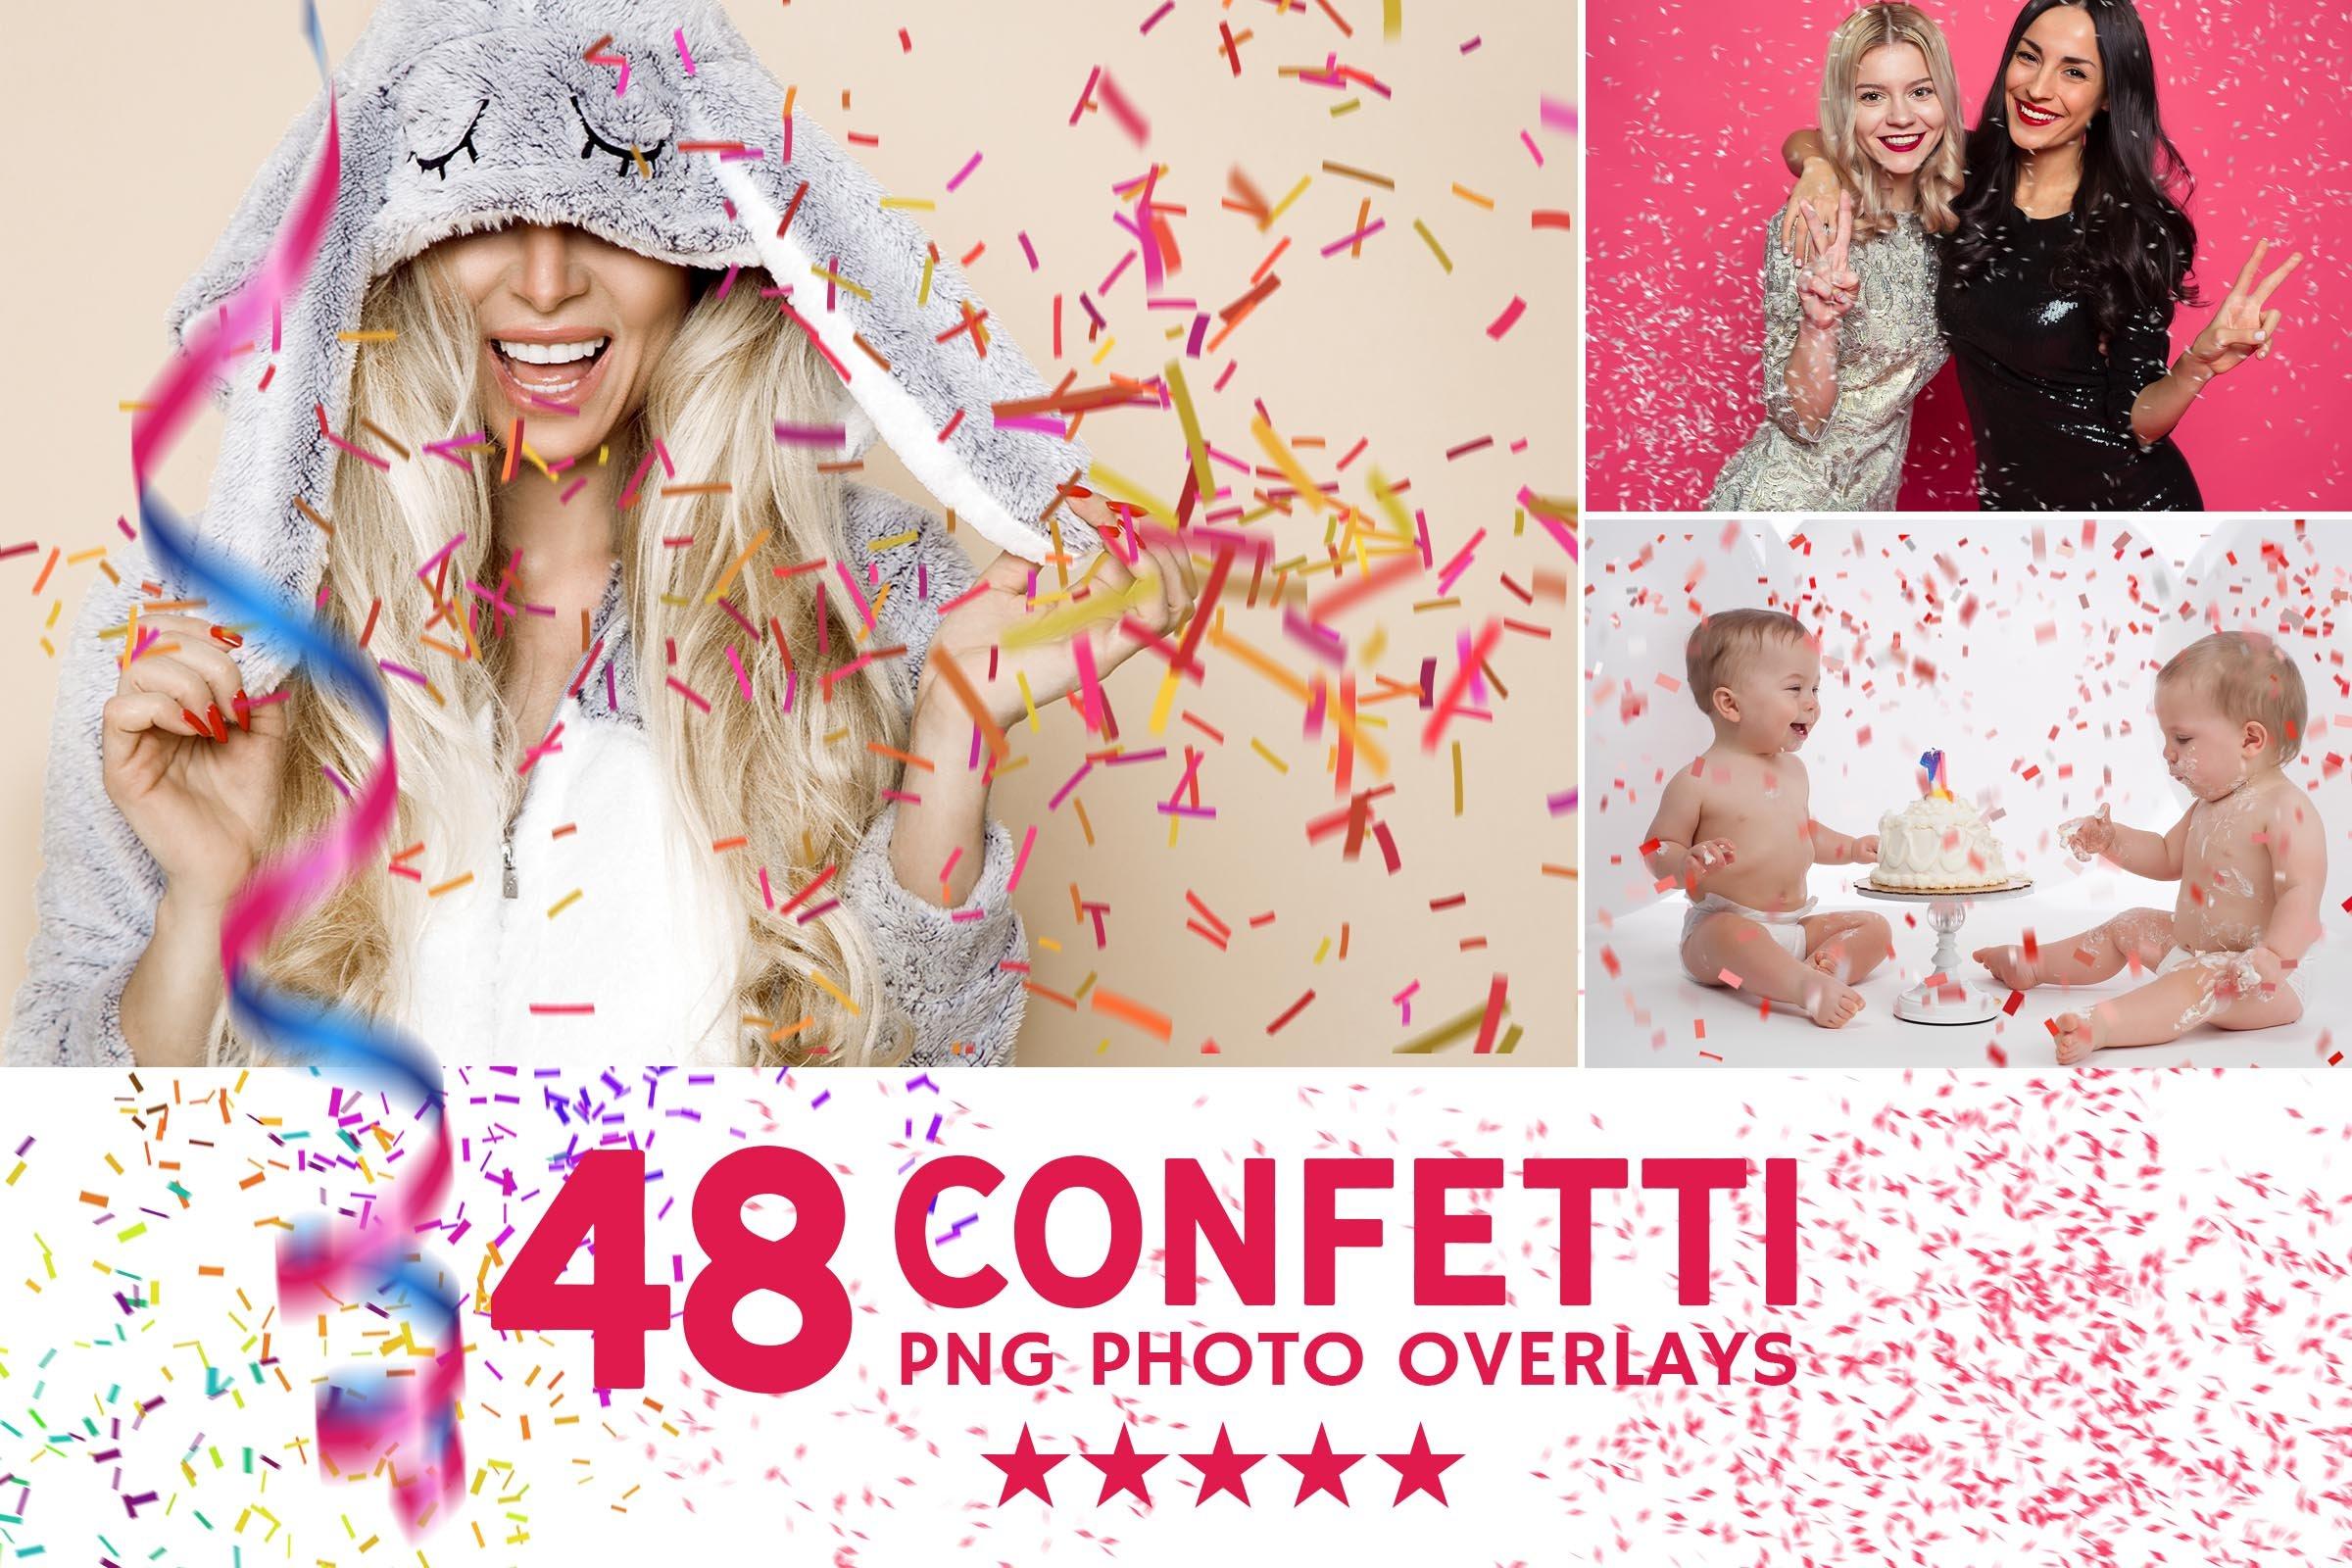 48个高清五彩纸屑照片叠加层PNG图片素材 48+ Confetti Photo Overlays插图